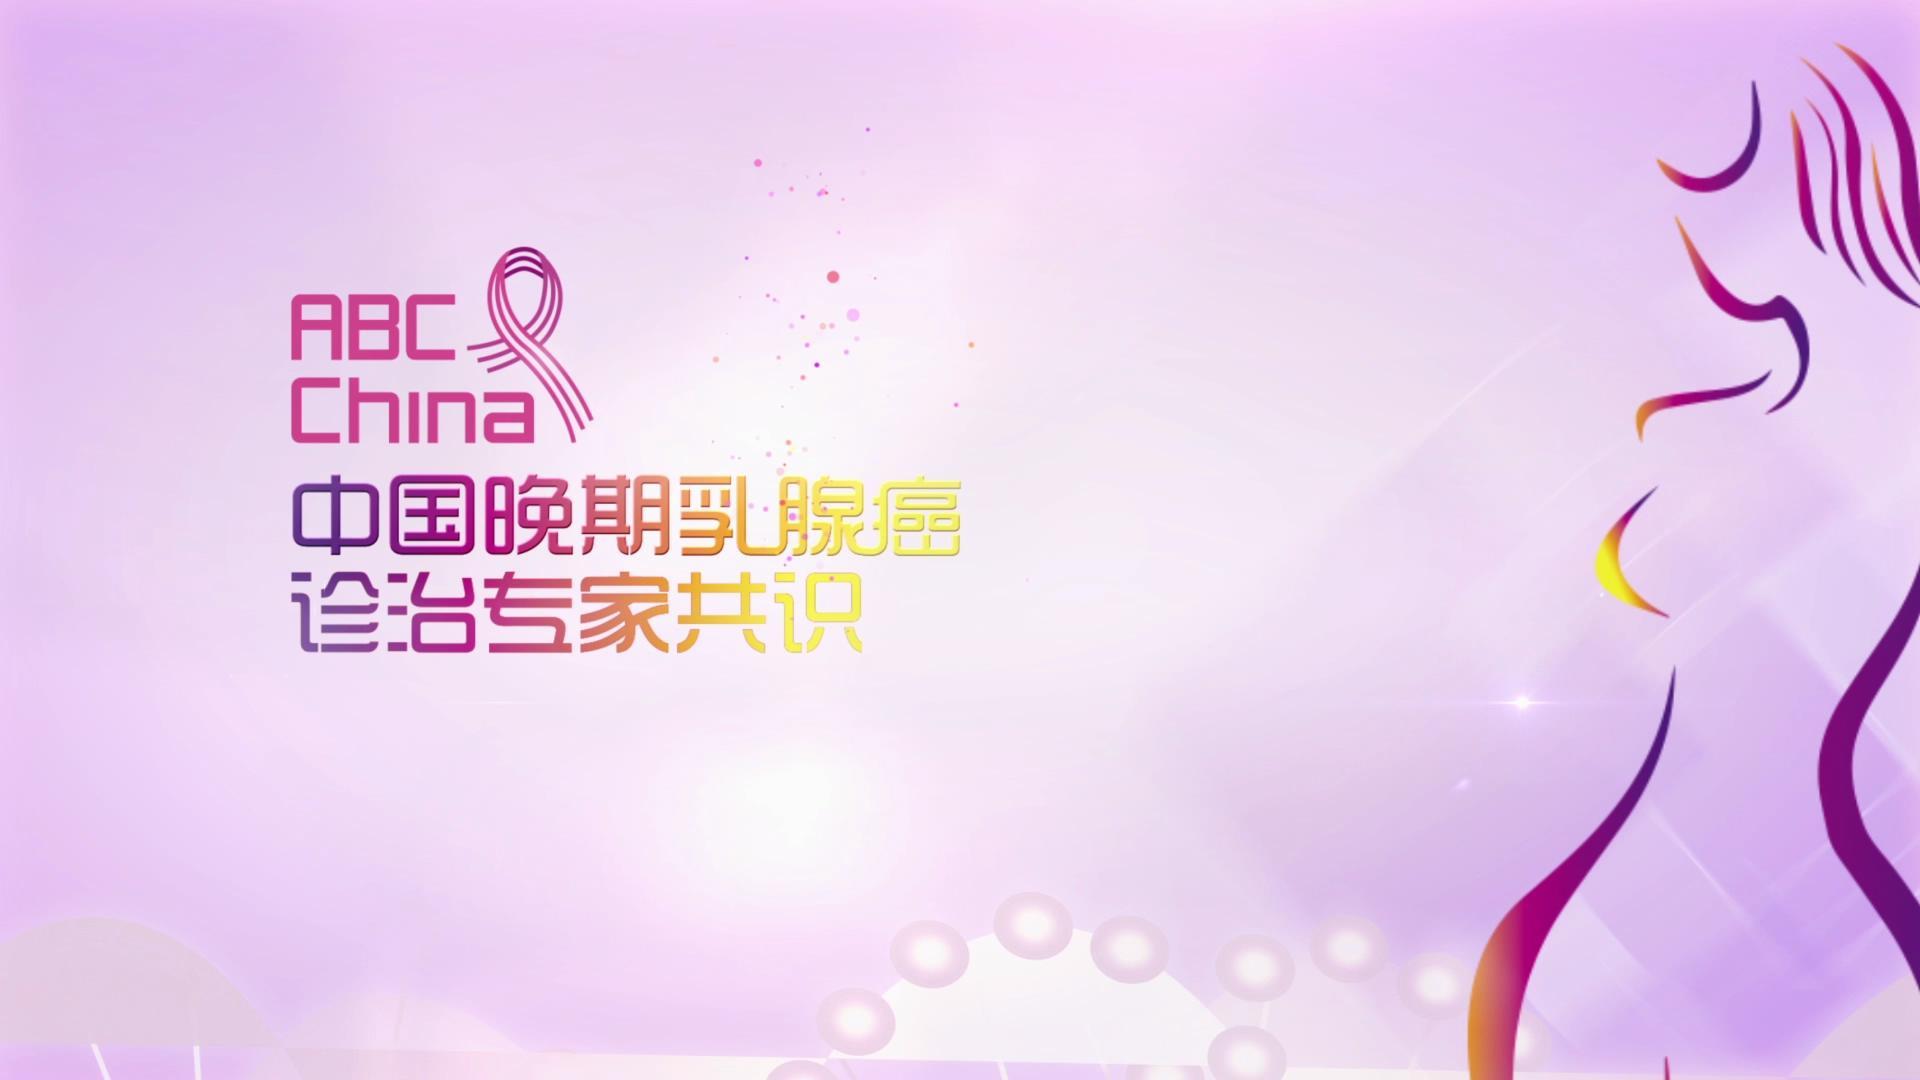 中国晚期乳腺癌专家共识宣传片